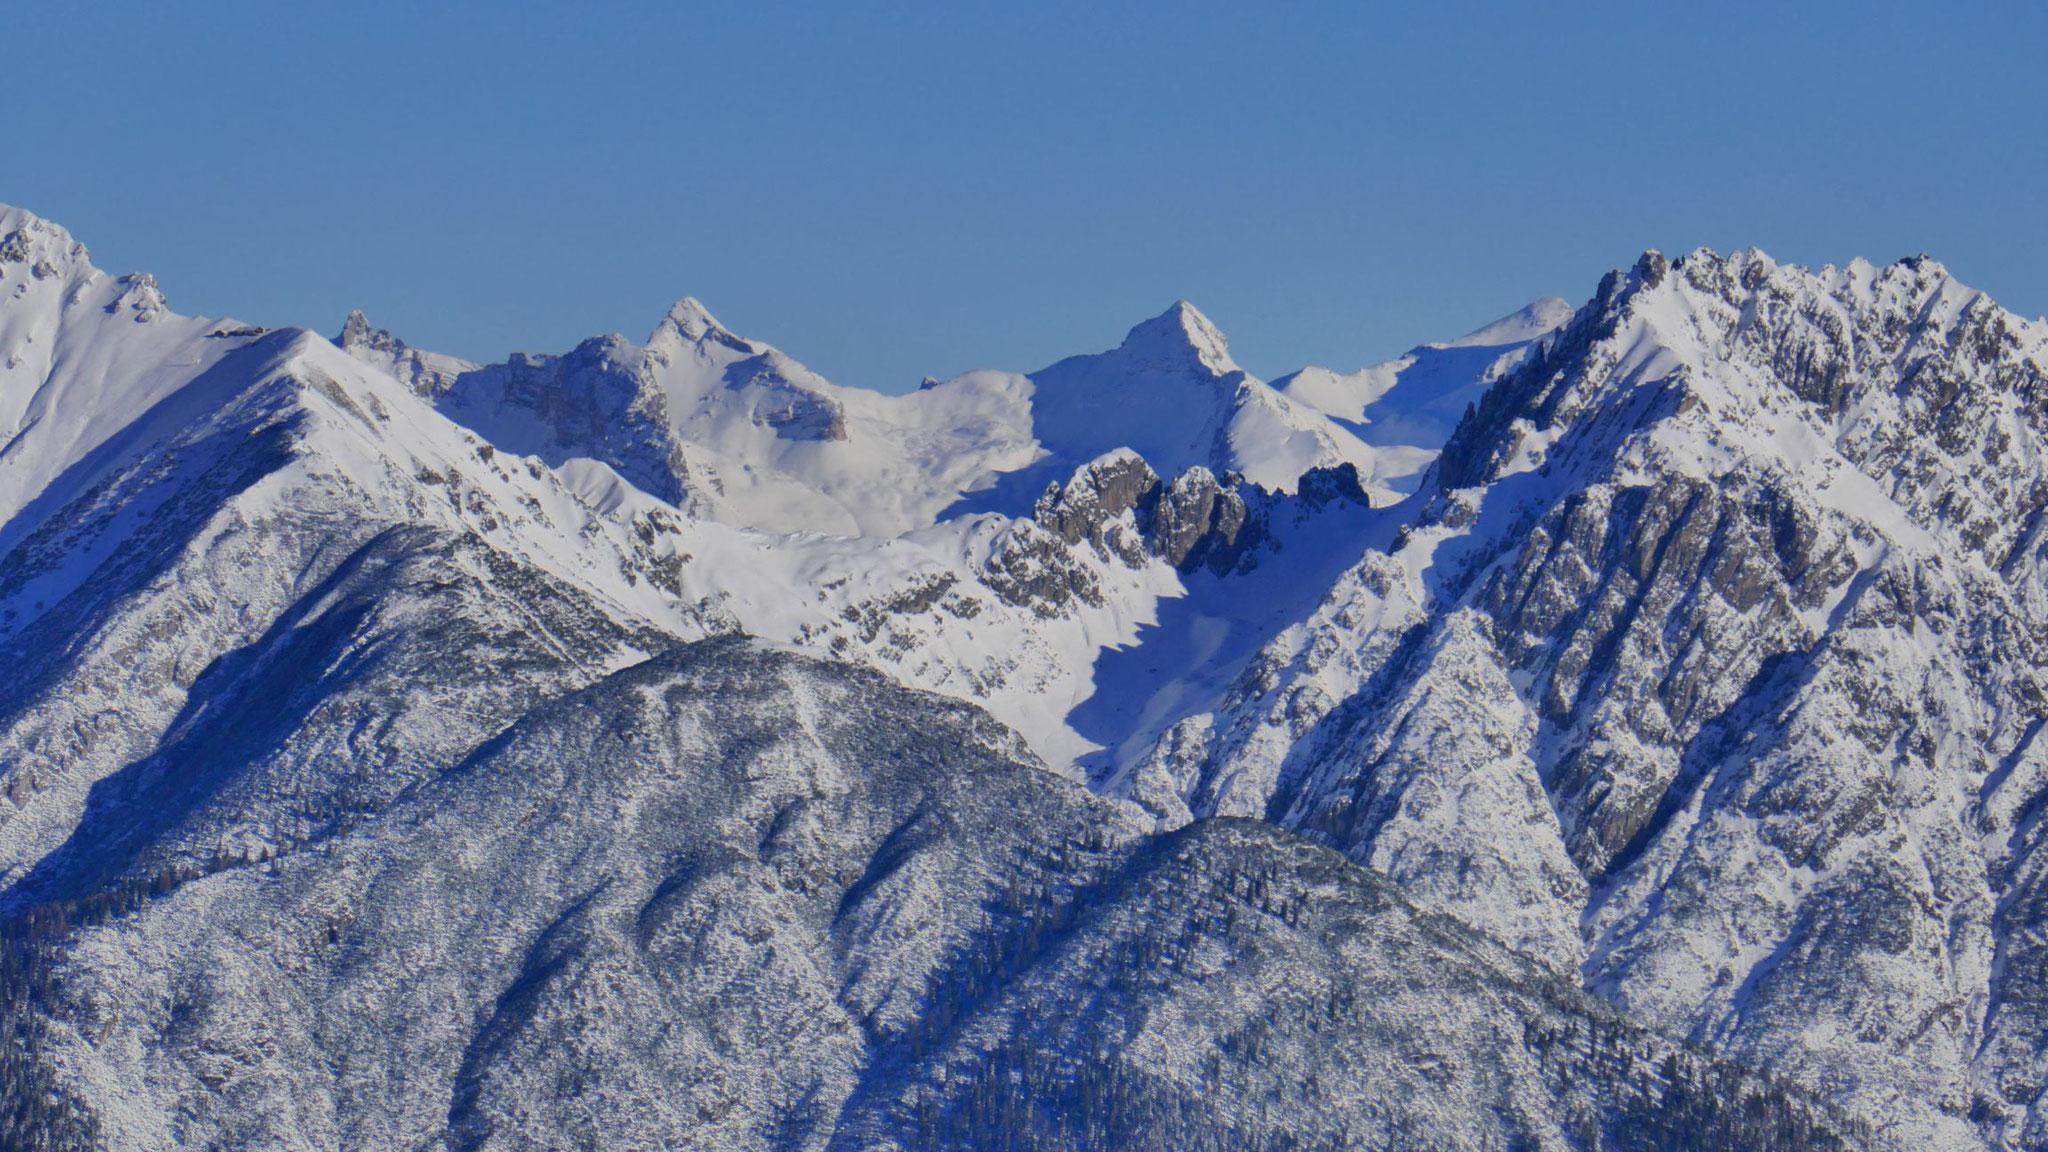 Durchblick auf die Karwendel-Hauptkette